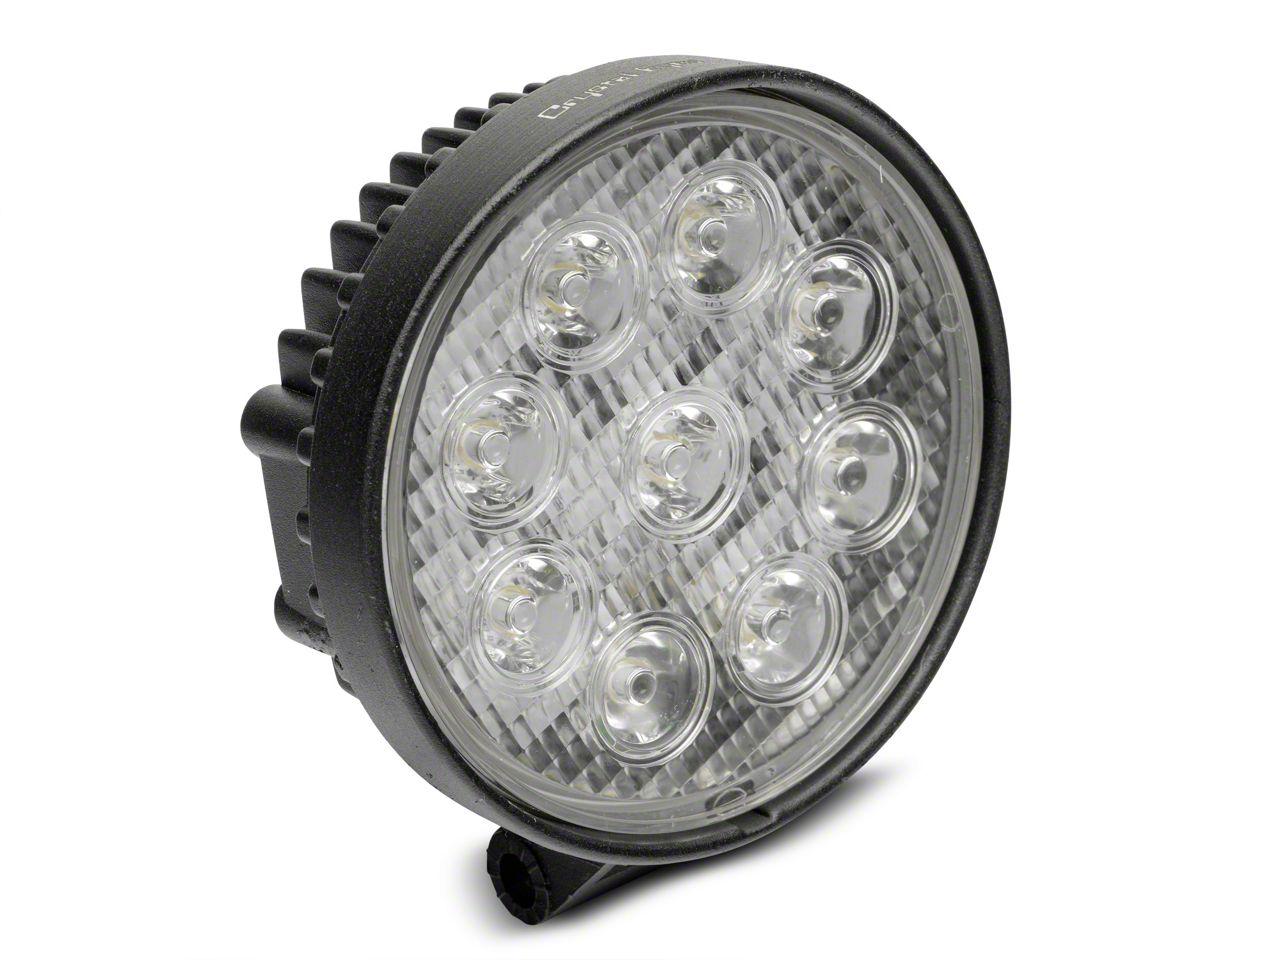 Alteon 4 in. Work Visor 9 LED Round Light - 60 Degree Flood Beam